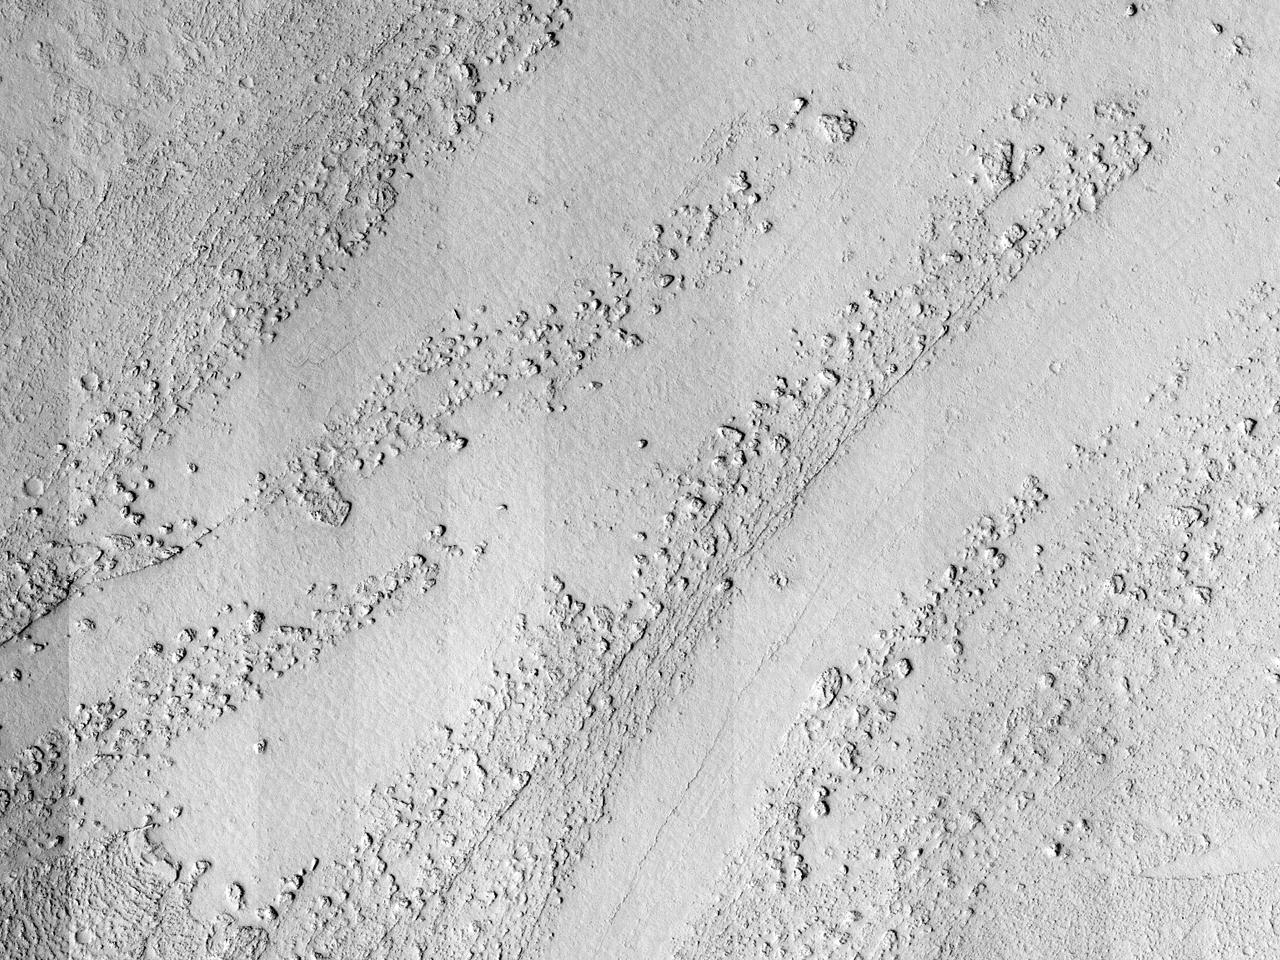 حمم وقنوات في وادي مارته (Marte Vallis)